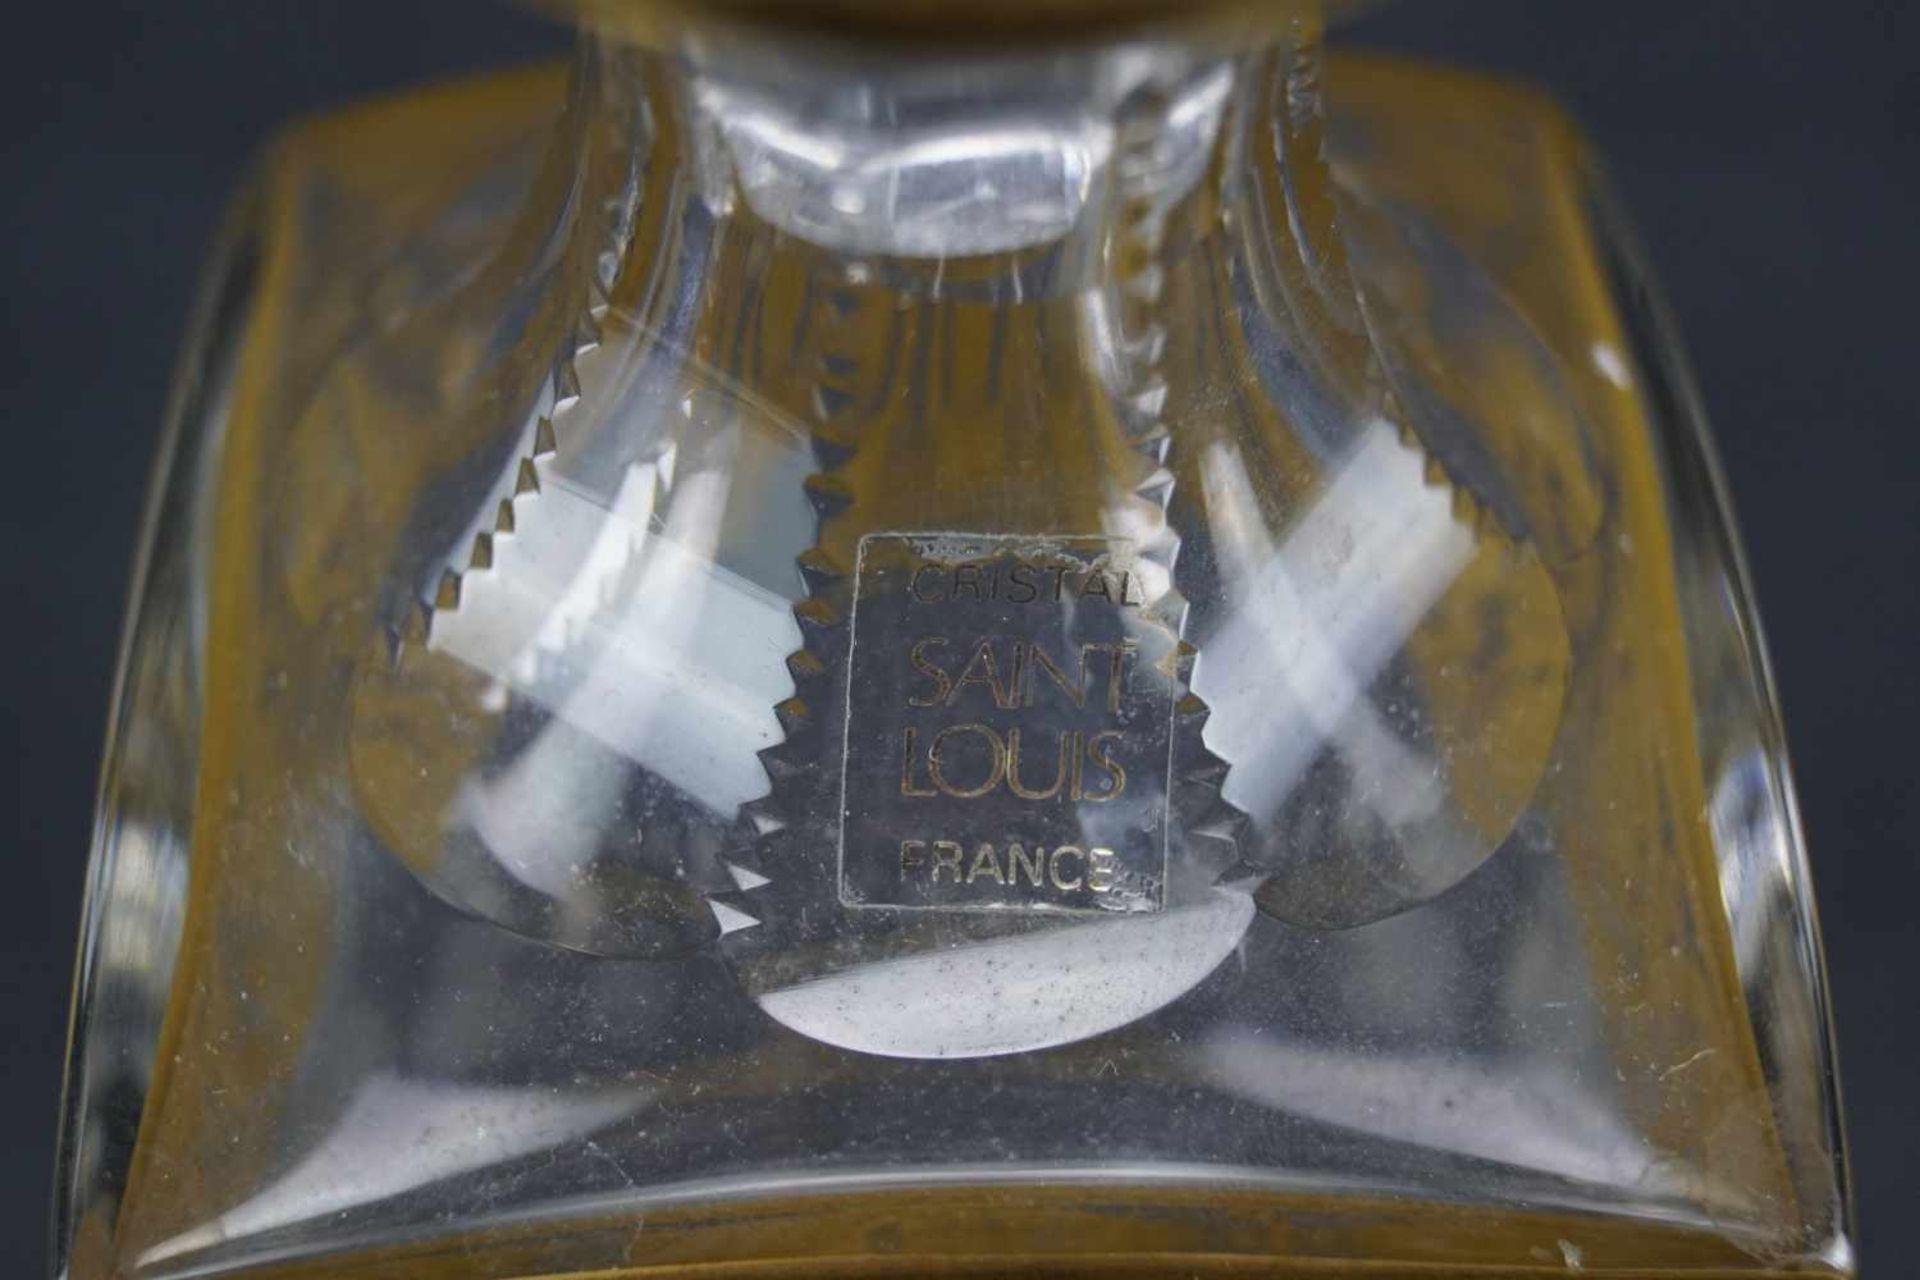 Viereckige Karaffe, Saint Louis Serie Thistle Gold, Höhe 24 cm, einige Bestoßungen - Bild 3 aus 3